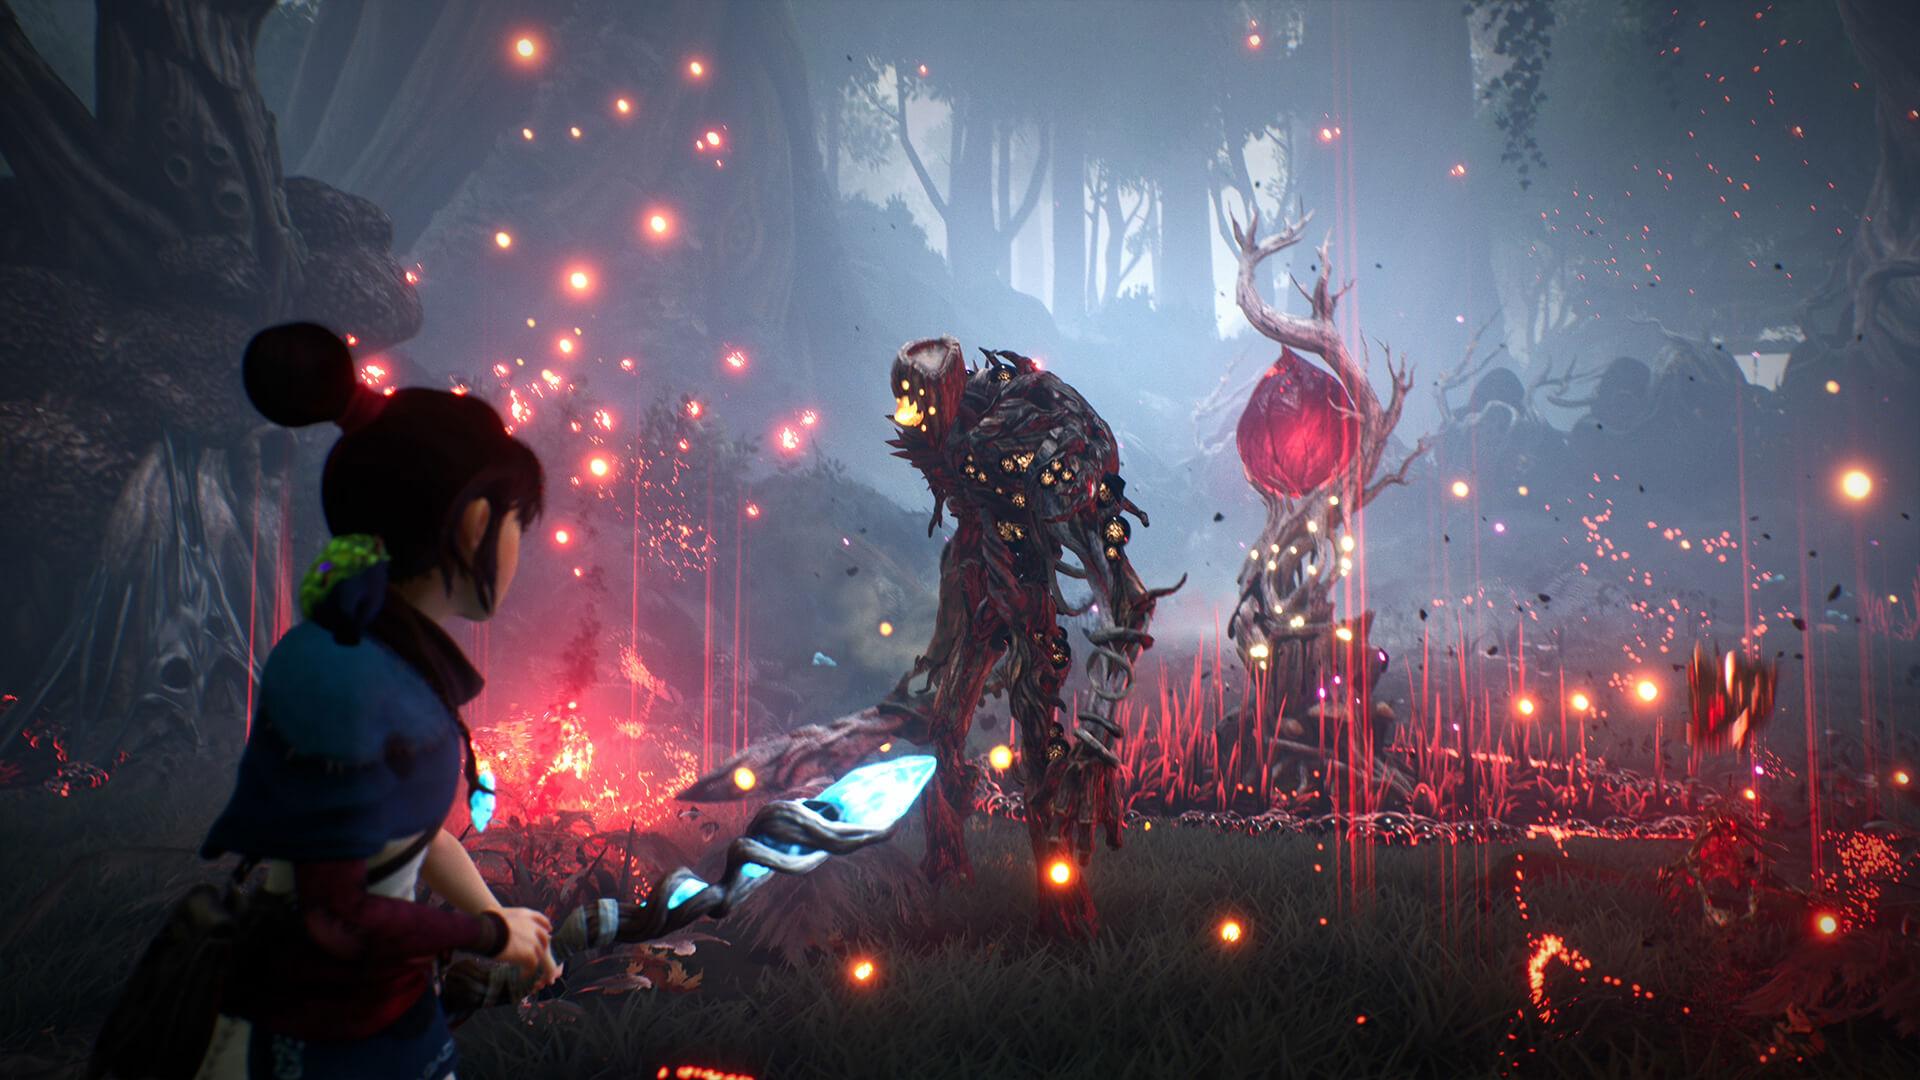 Kena: Bridge of Spirits – временный эксклюзив Playstation, игра выйдет на Xbox